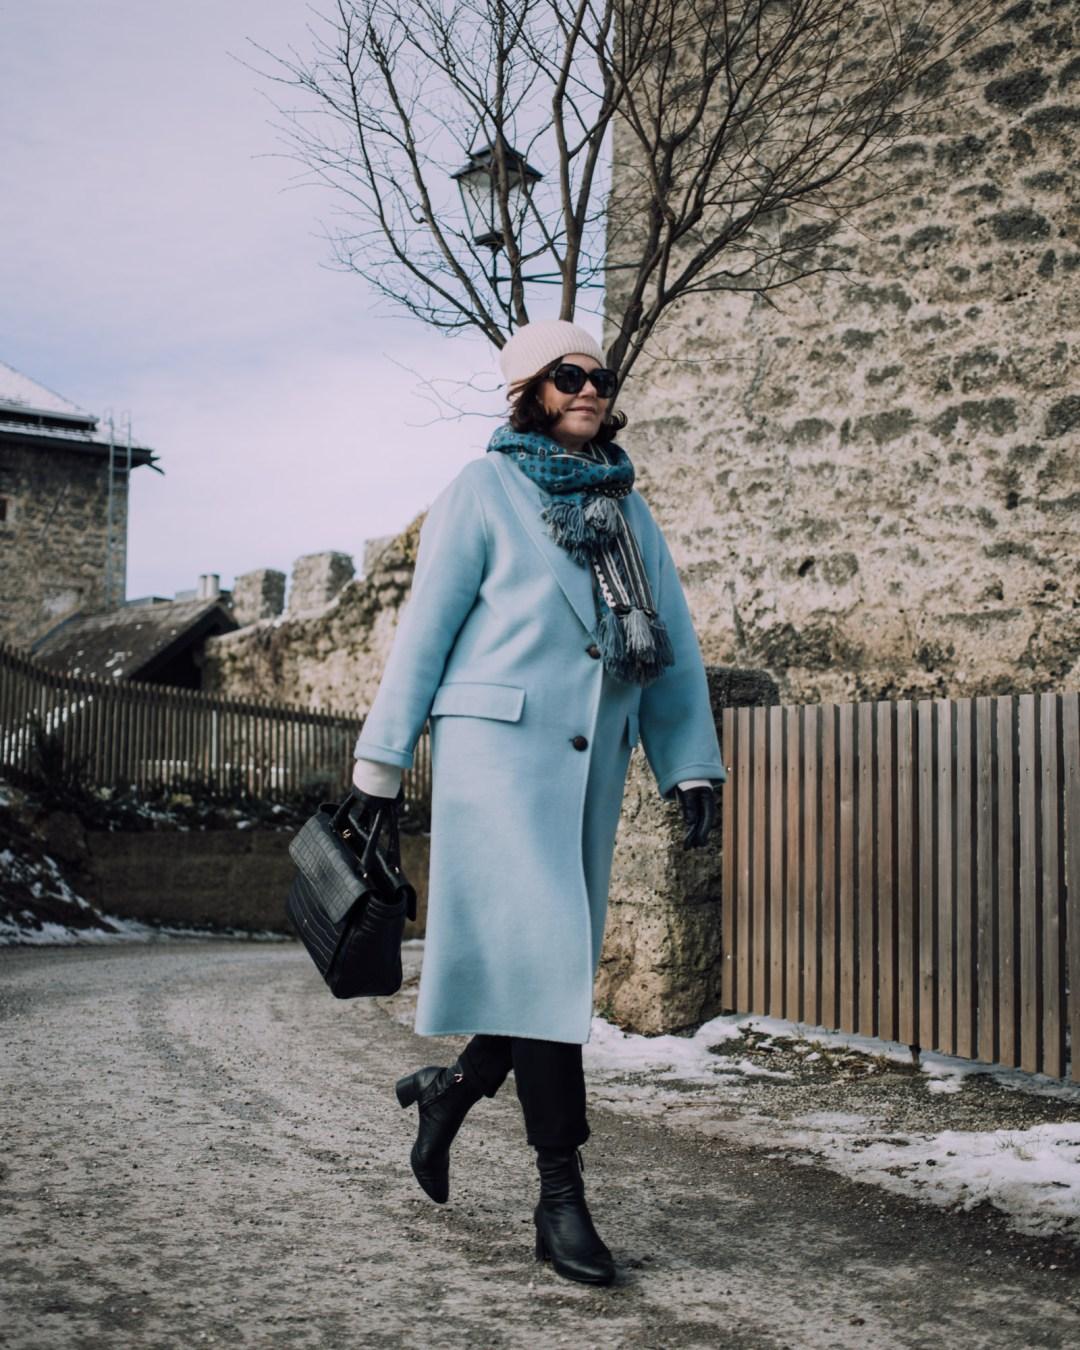 SPAZIERGANG Inastil, Maxwell Scott, Ü50Blog, Businesstasche, Salzburg, Modeblog, Styleover50, Stilberatung, Wintermode, Citymode, Wollmantel, blau,_-8